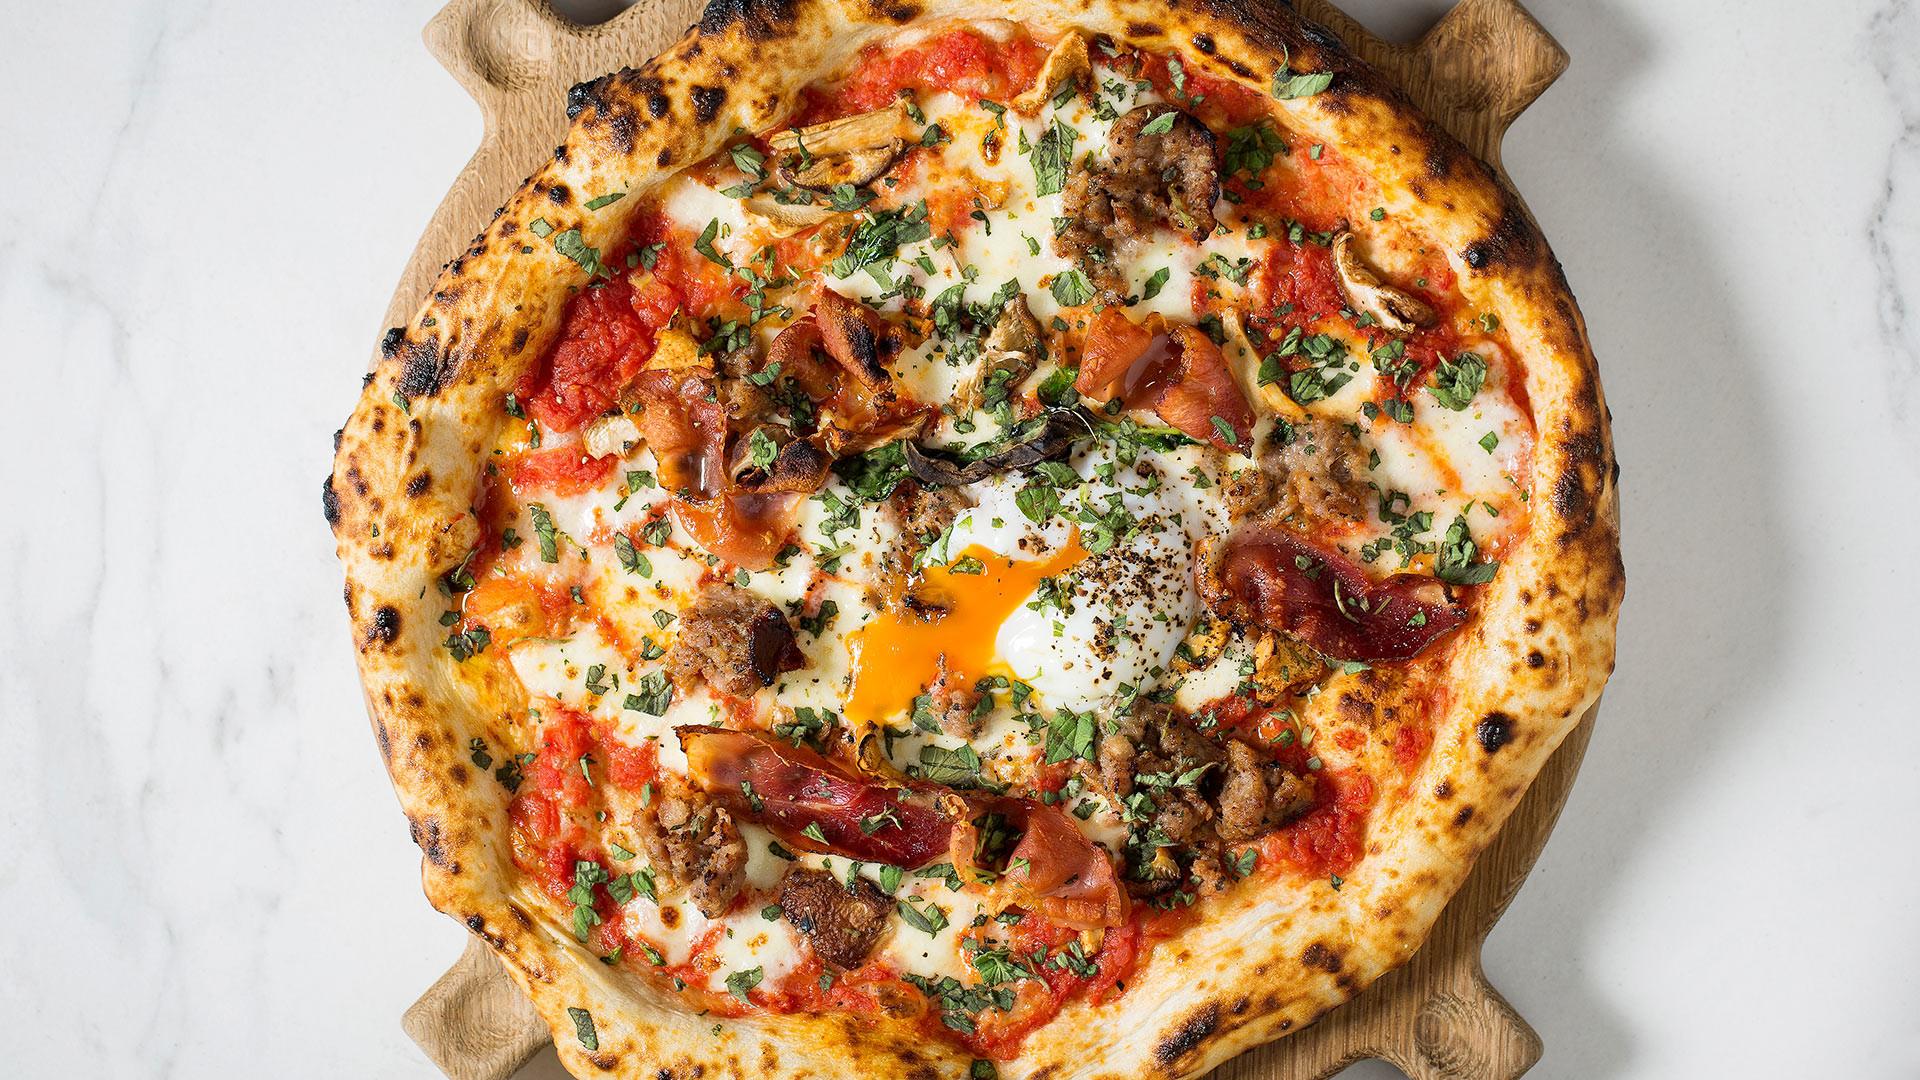 Pizza at Hai Cenato